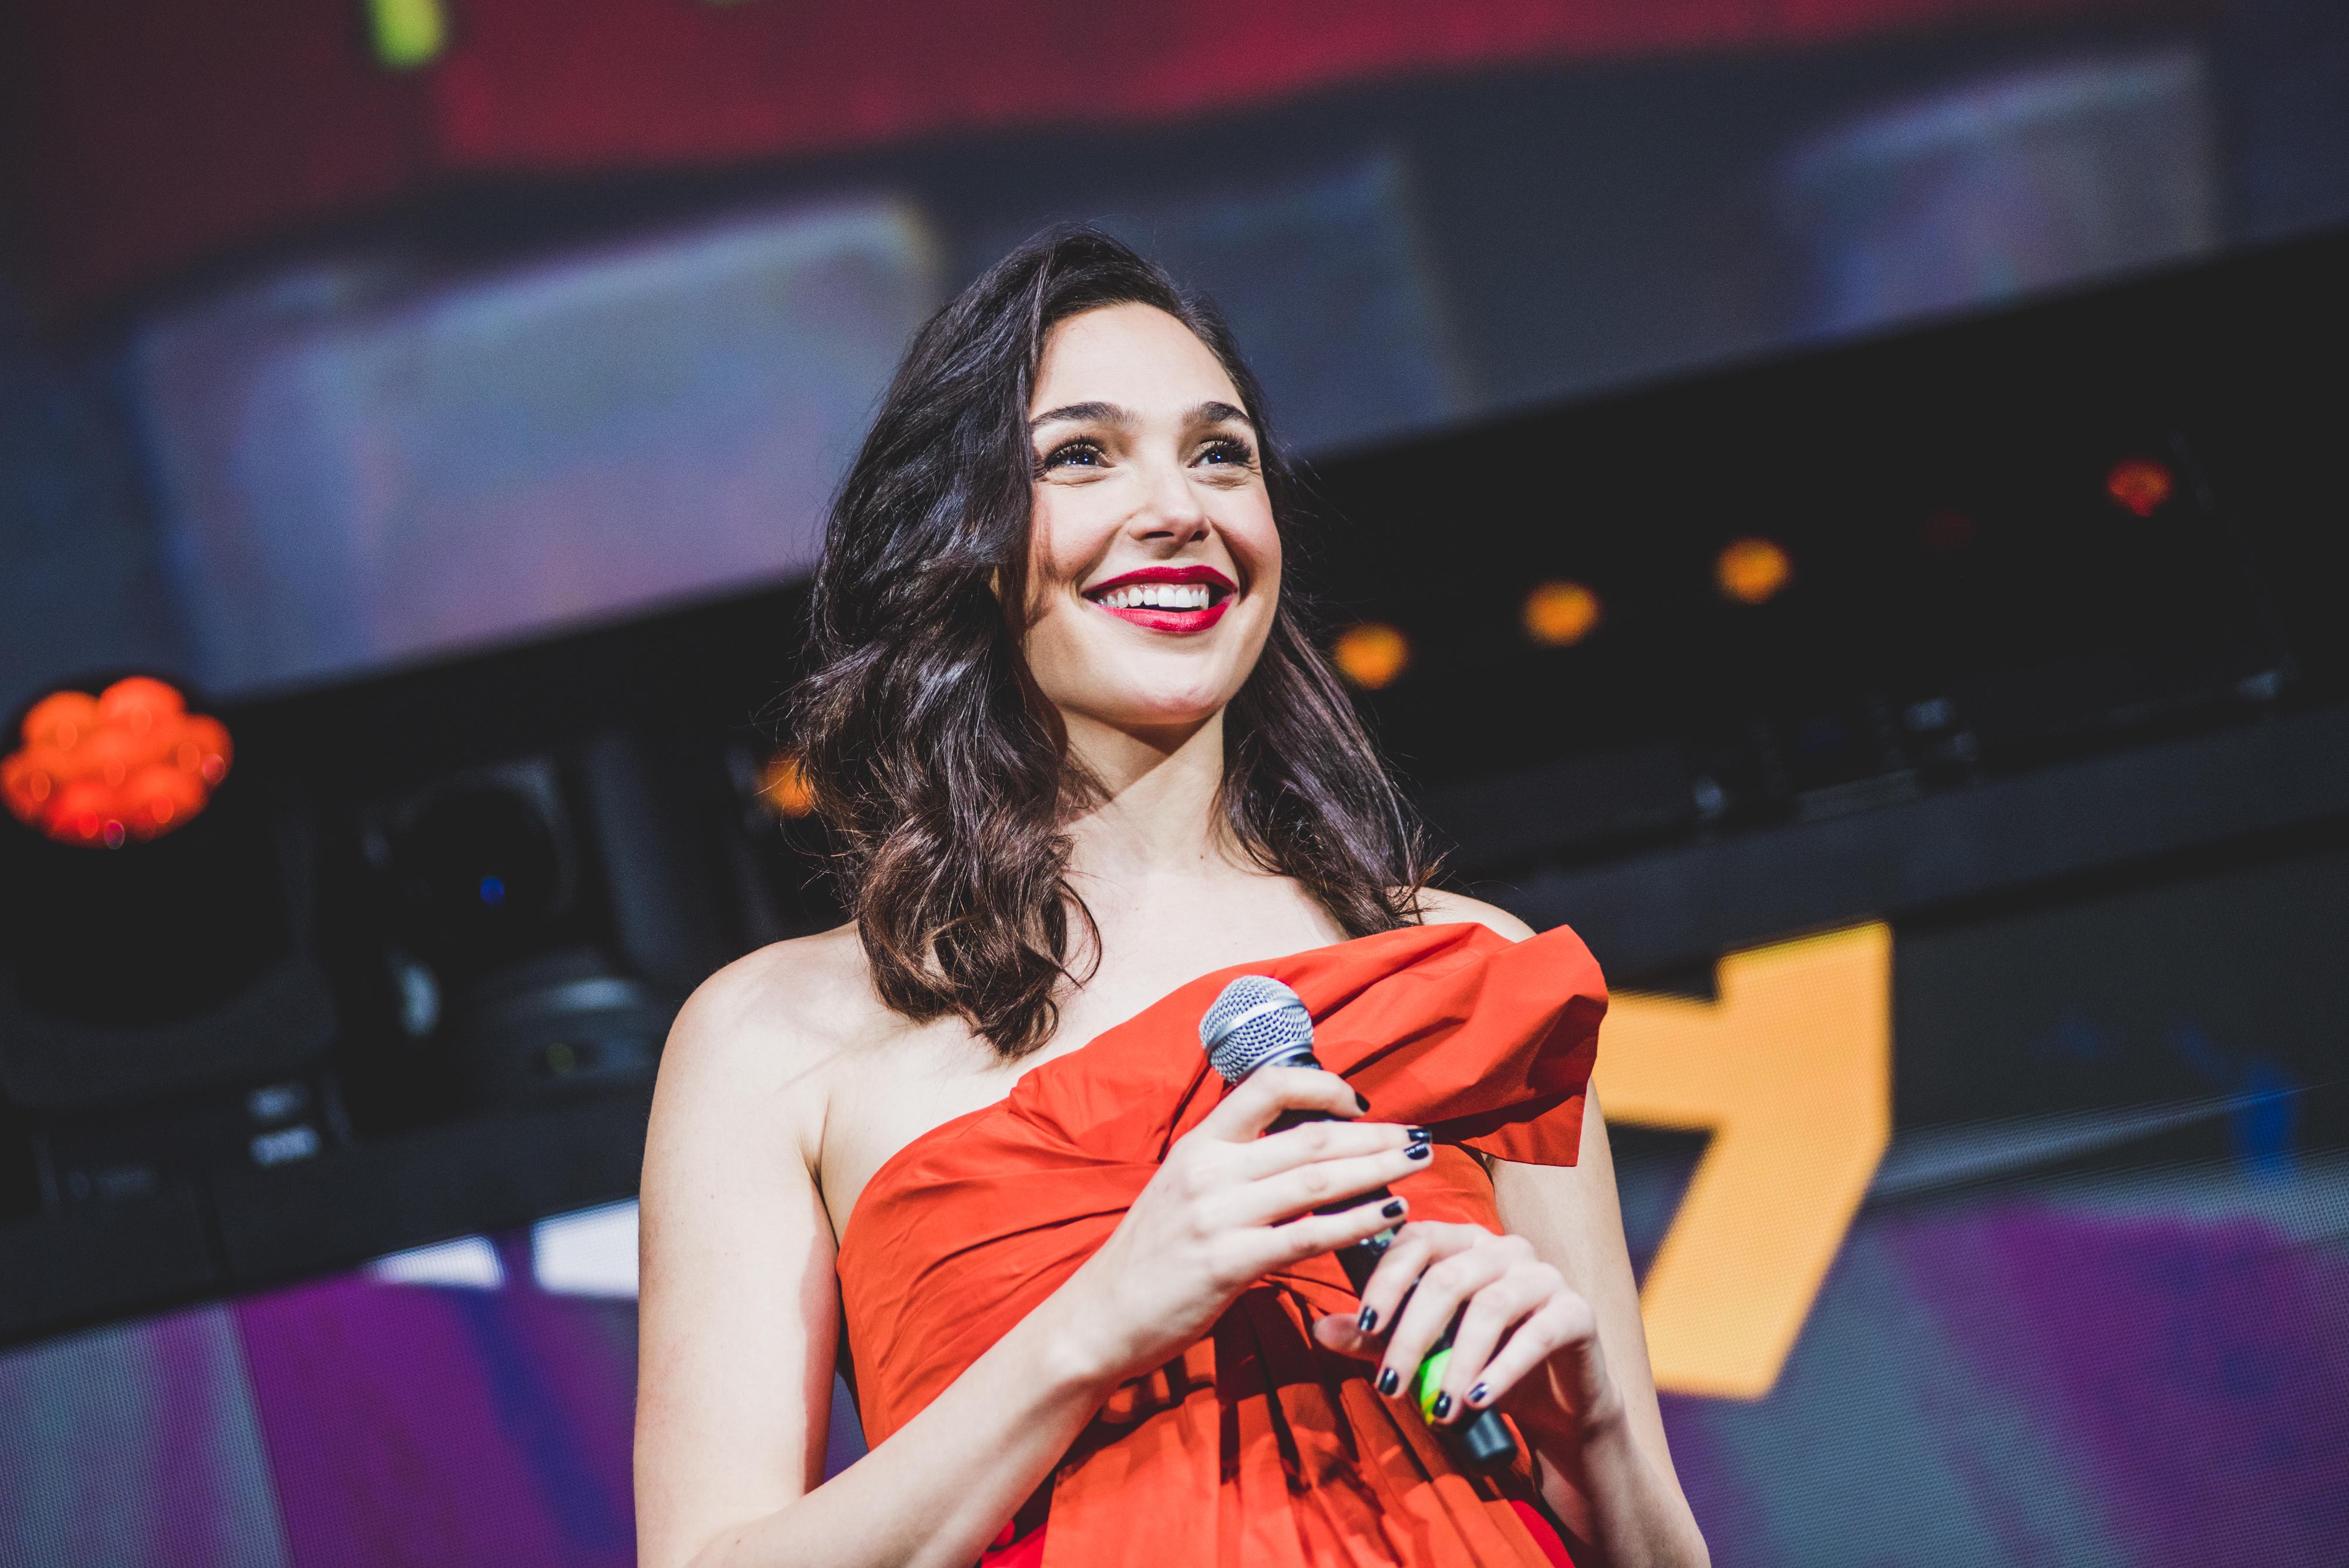 Gal Gadot segurando microfone enquanto olha para o público em painel da CCXP19, em São Paulo, com roupa vermelha e cabelo solto